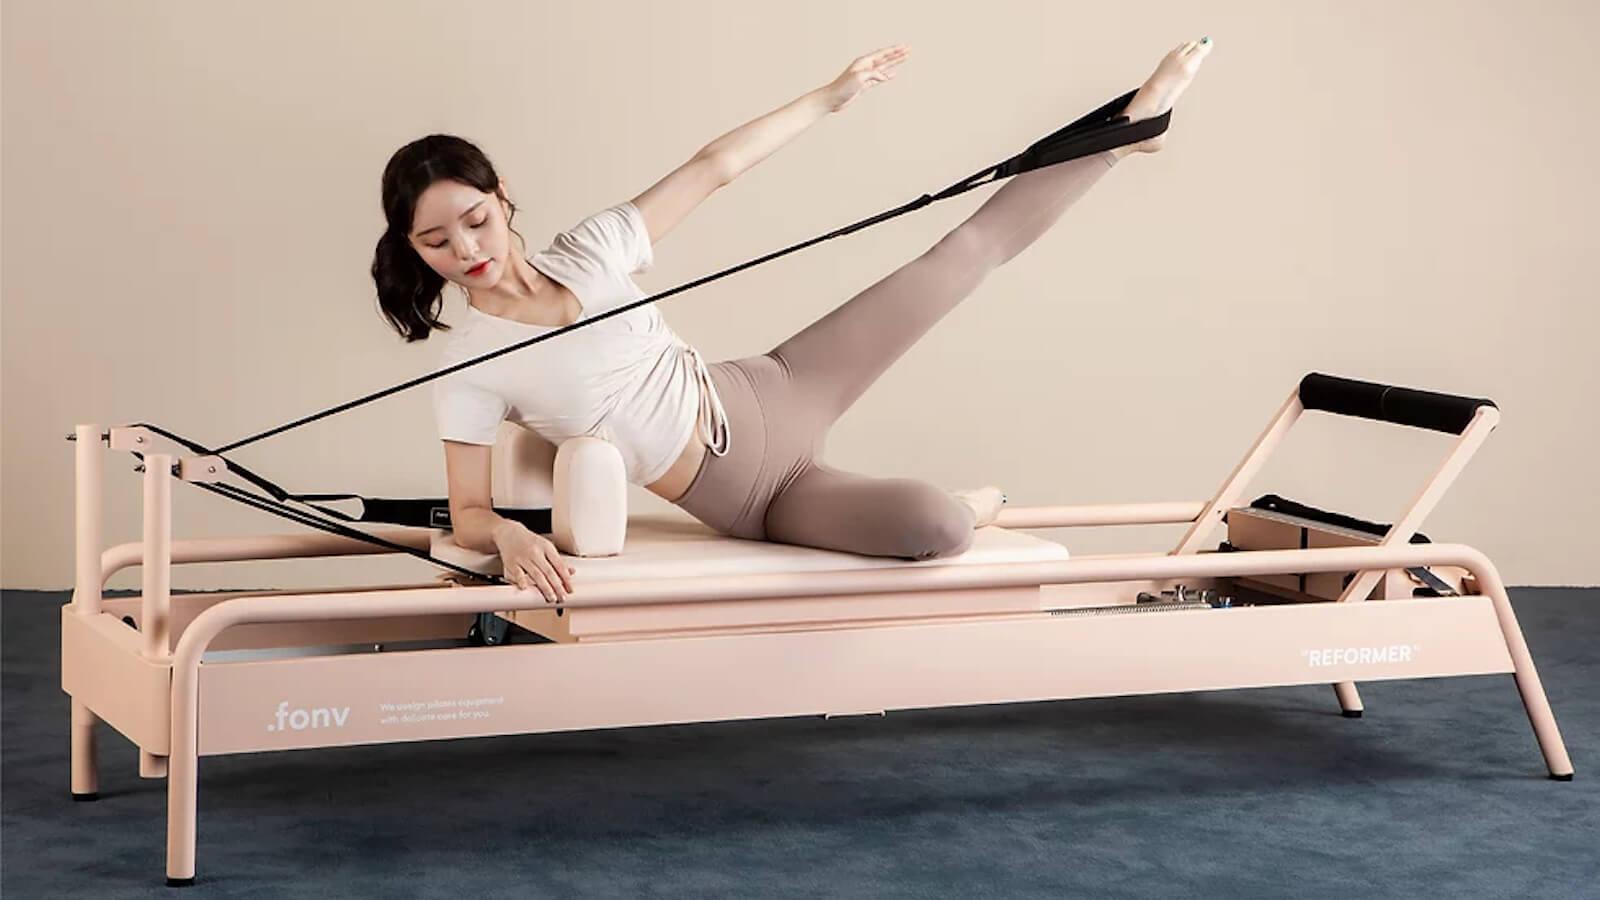 .fonv Reformer Pilates Equipment